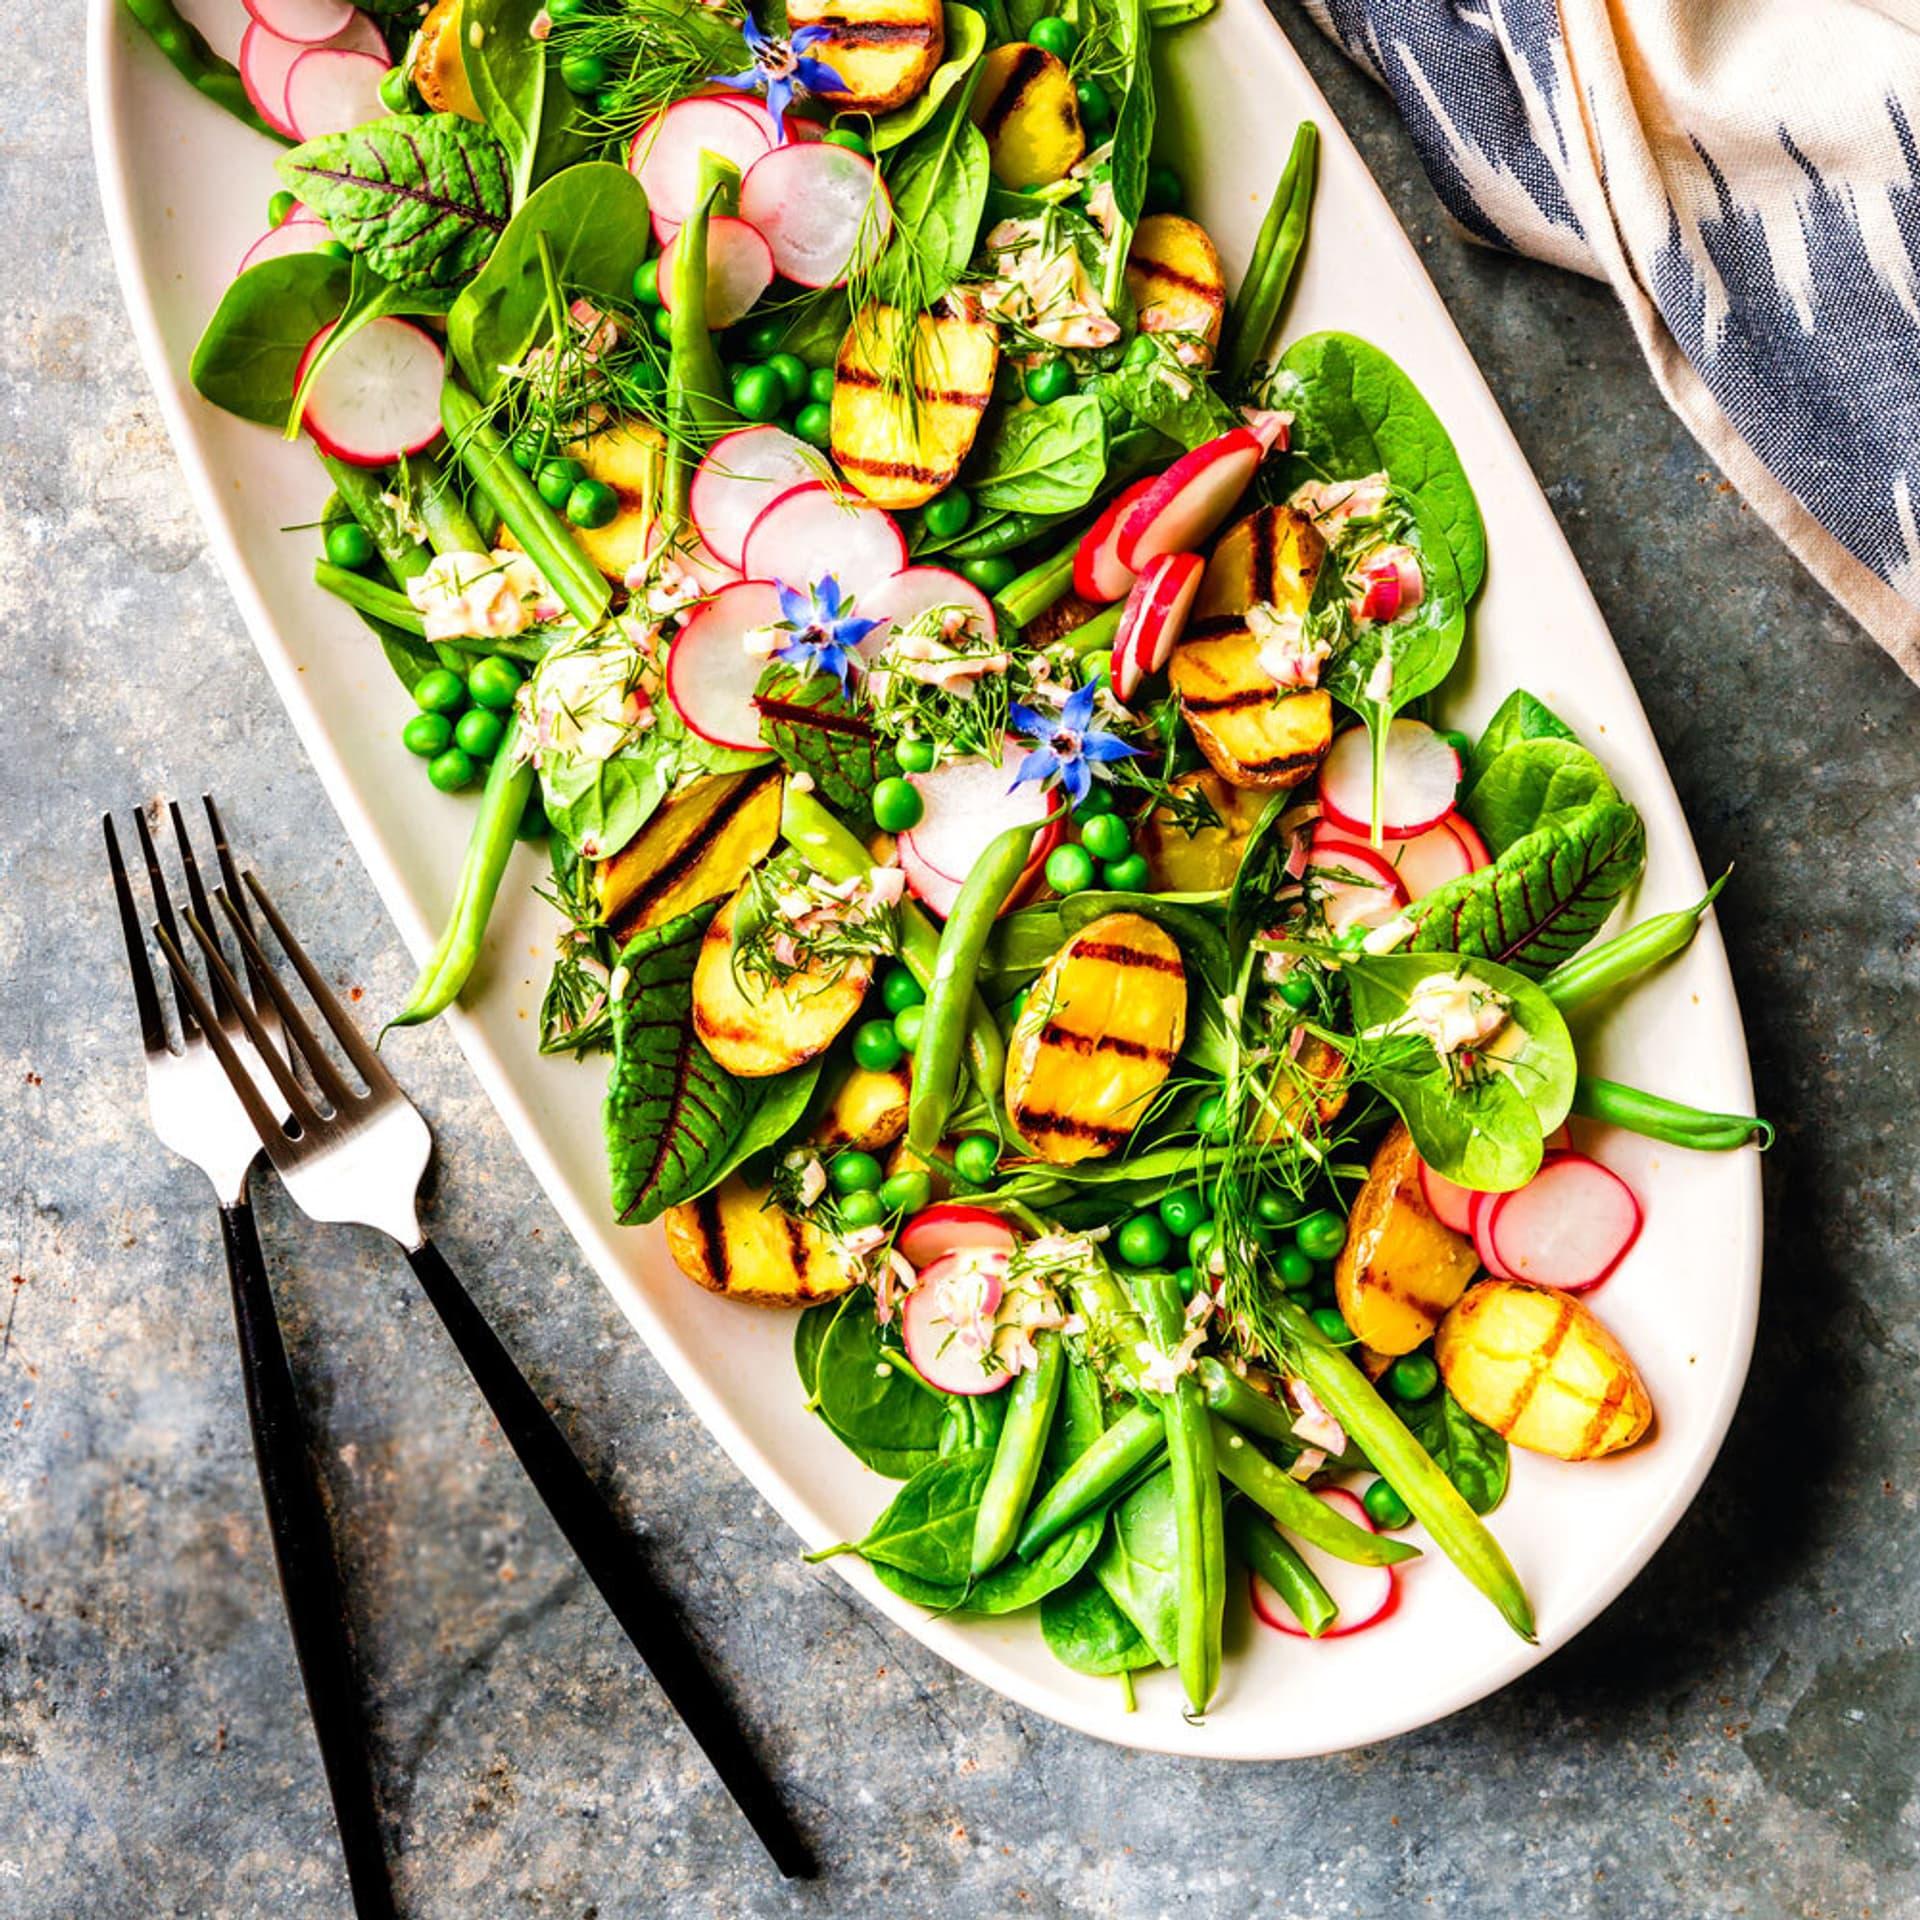 Kartoffelsalat mit Bohnen, Radieschen und Pflücksalat